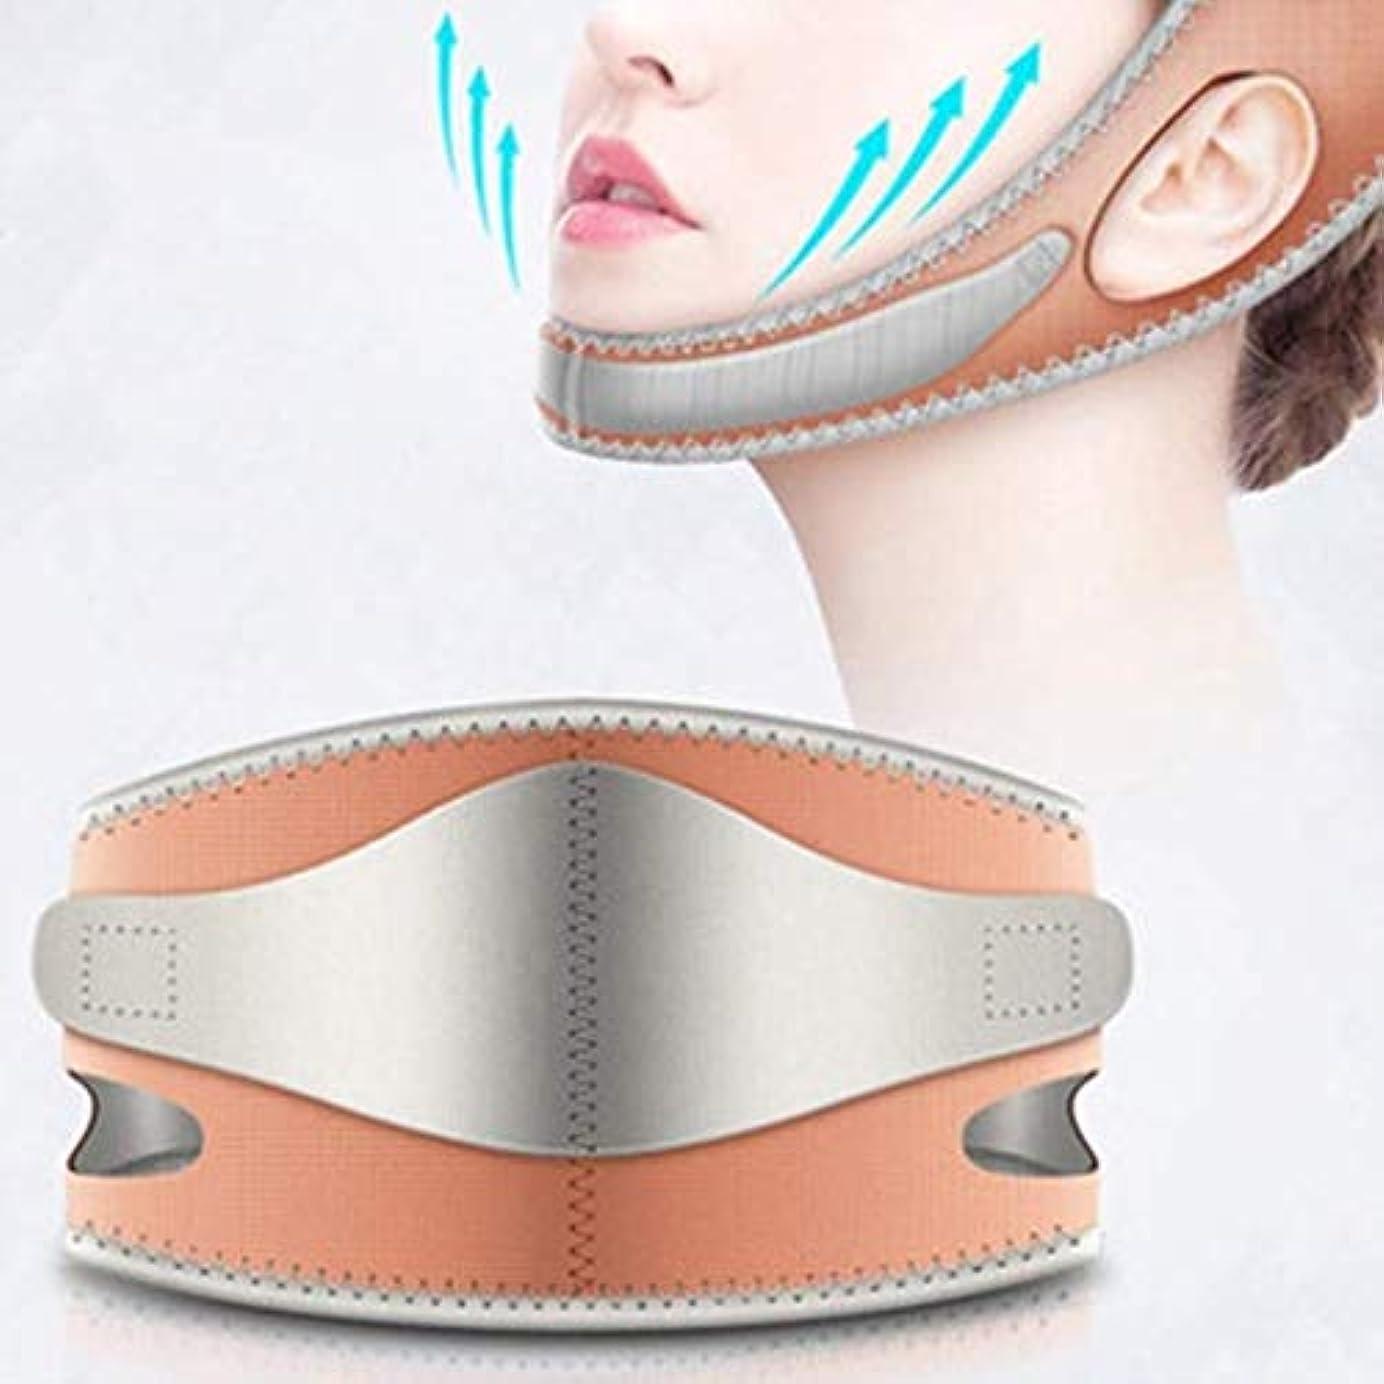 メッセージクアッガ頼るフェイスリフティング痩身Vフェイスマスクフルカバレッジ包帯減らす顔の二重あごケア減量美容ベルト通気性